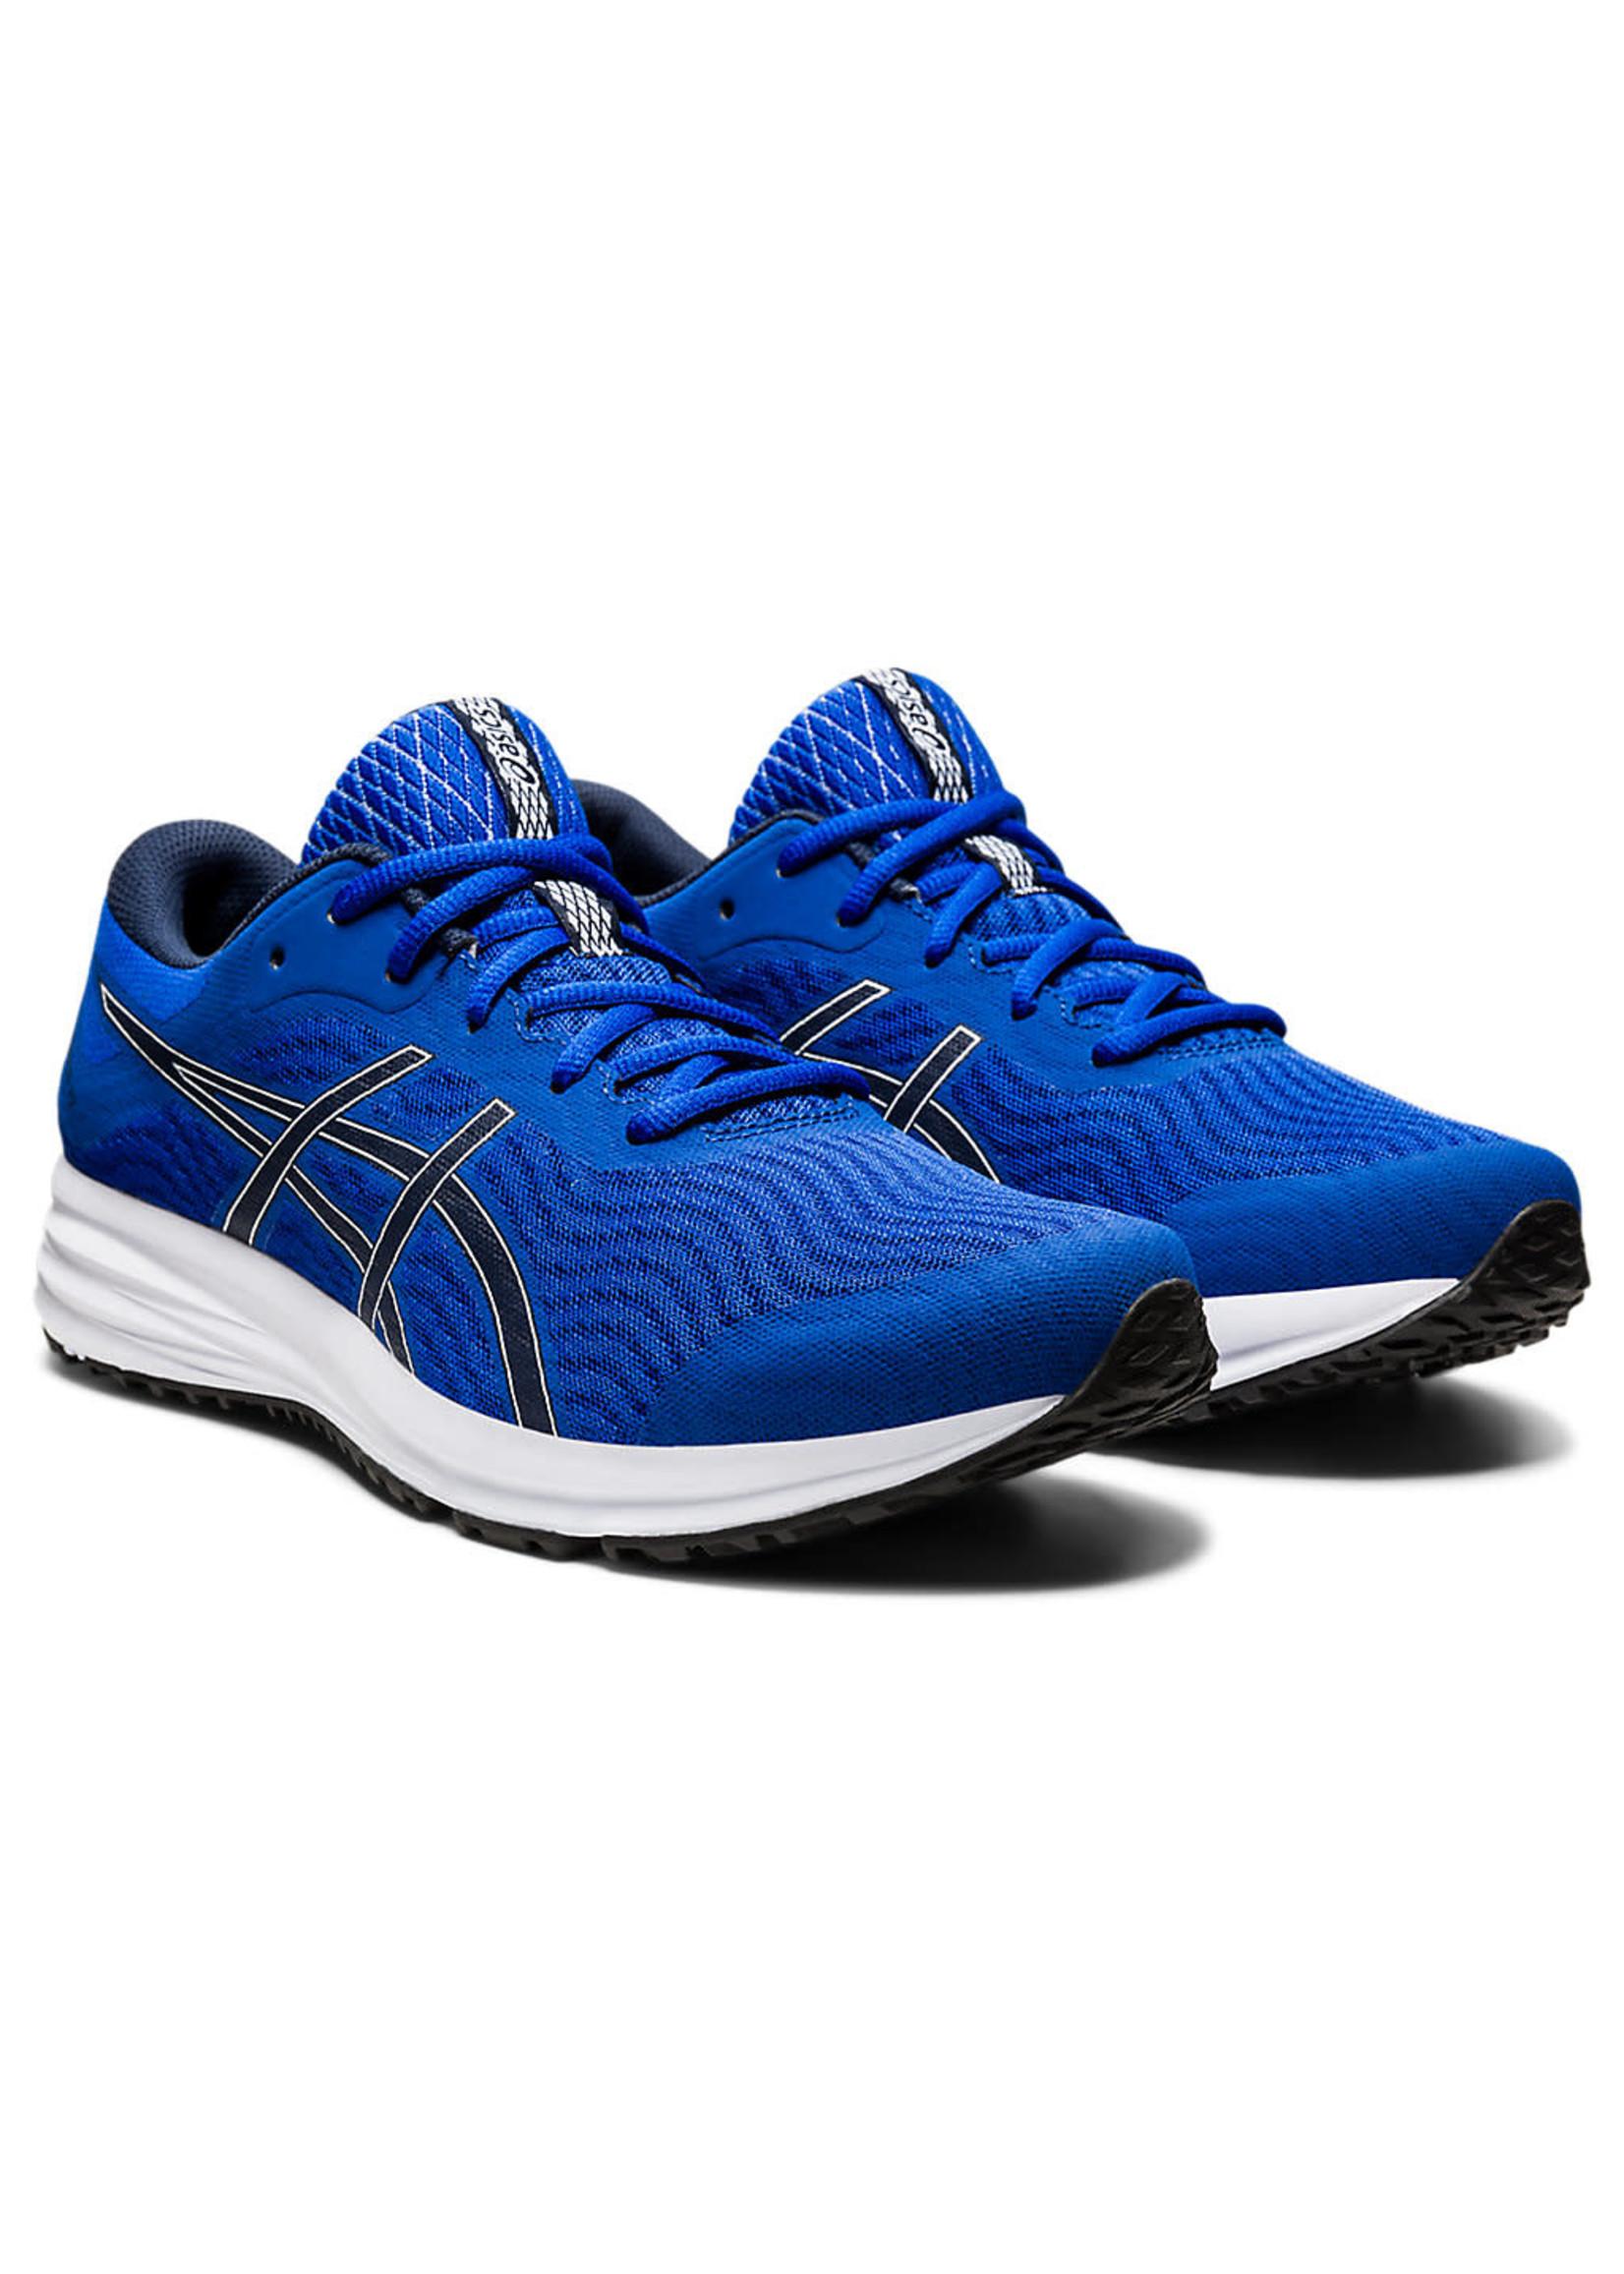 Asics Asics Patriot 12 Mens Running Shoe - Blue/Midnight, (2021)